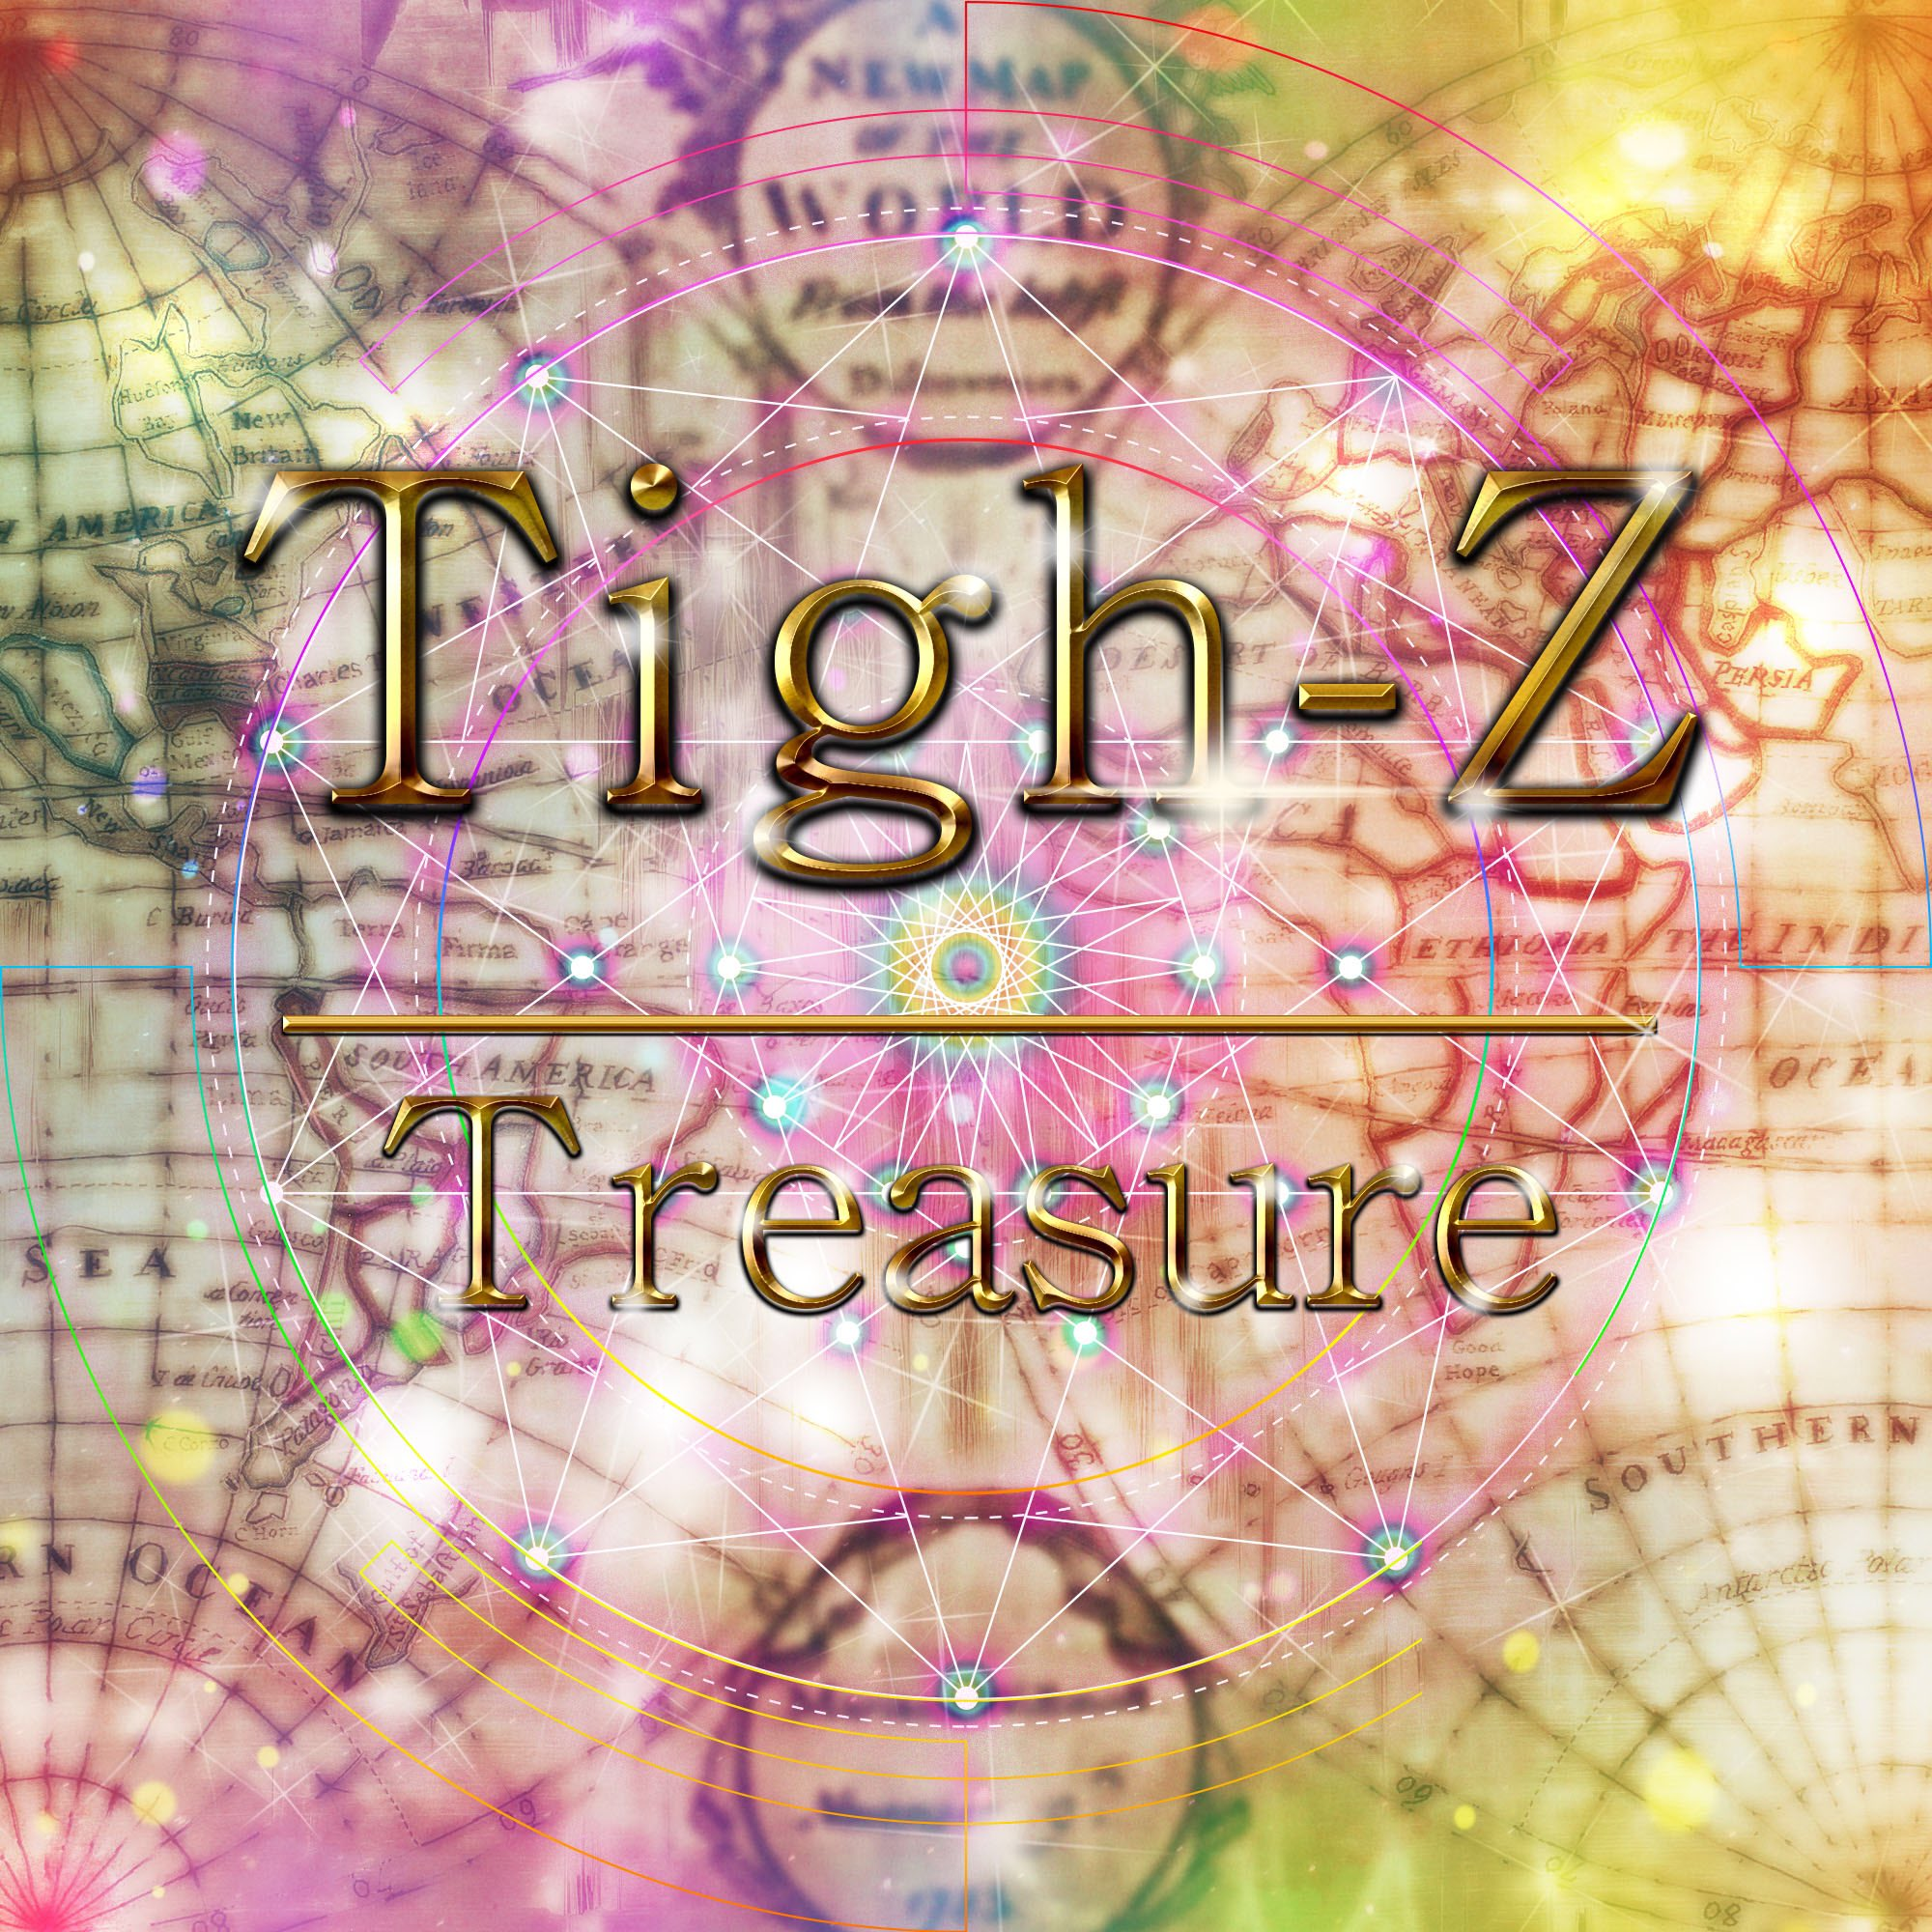 Treasure (Tigh-Z)